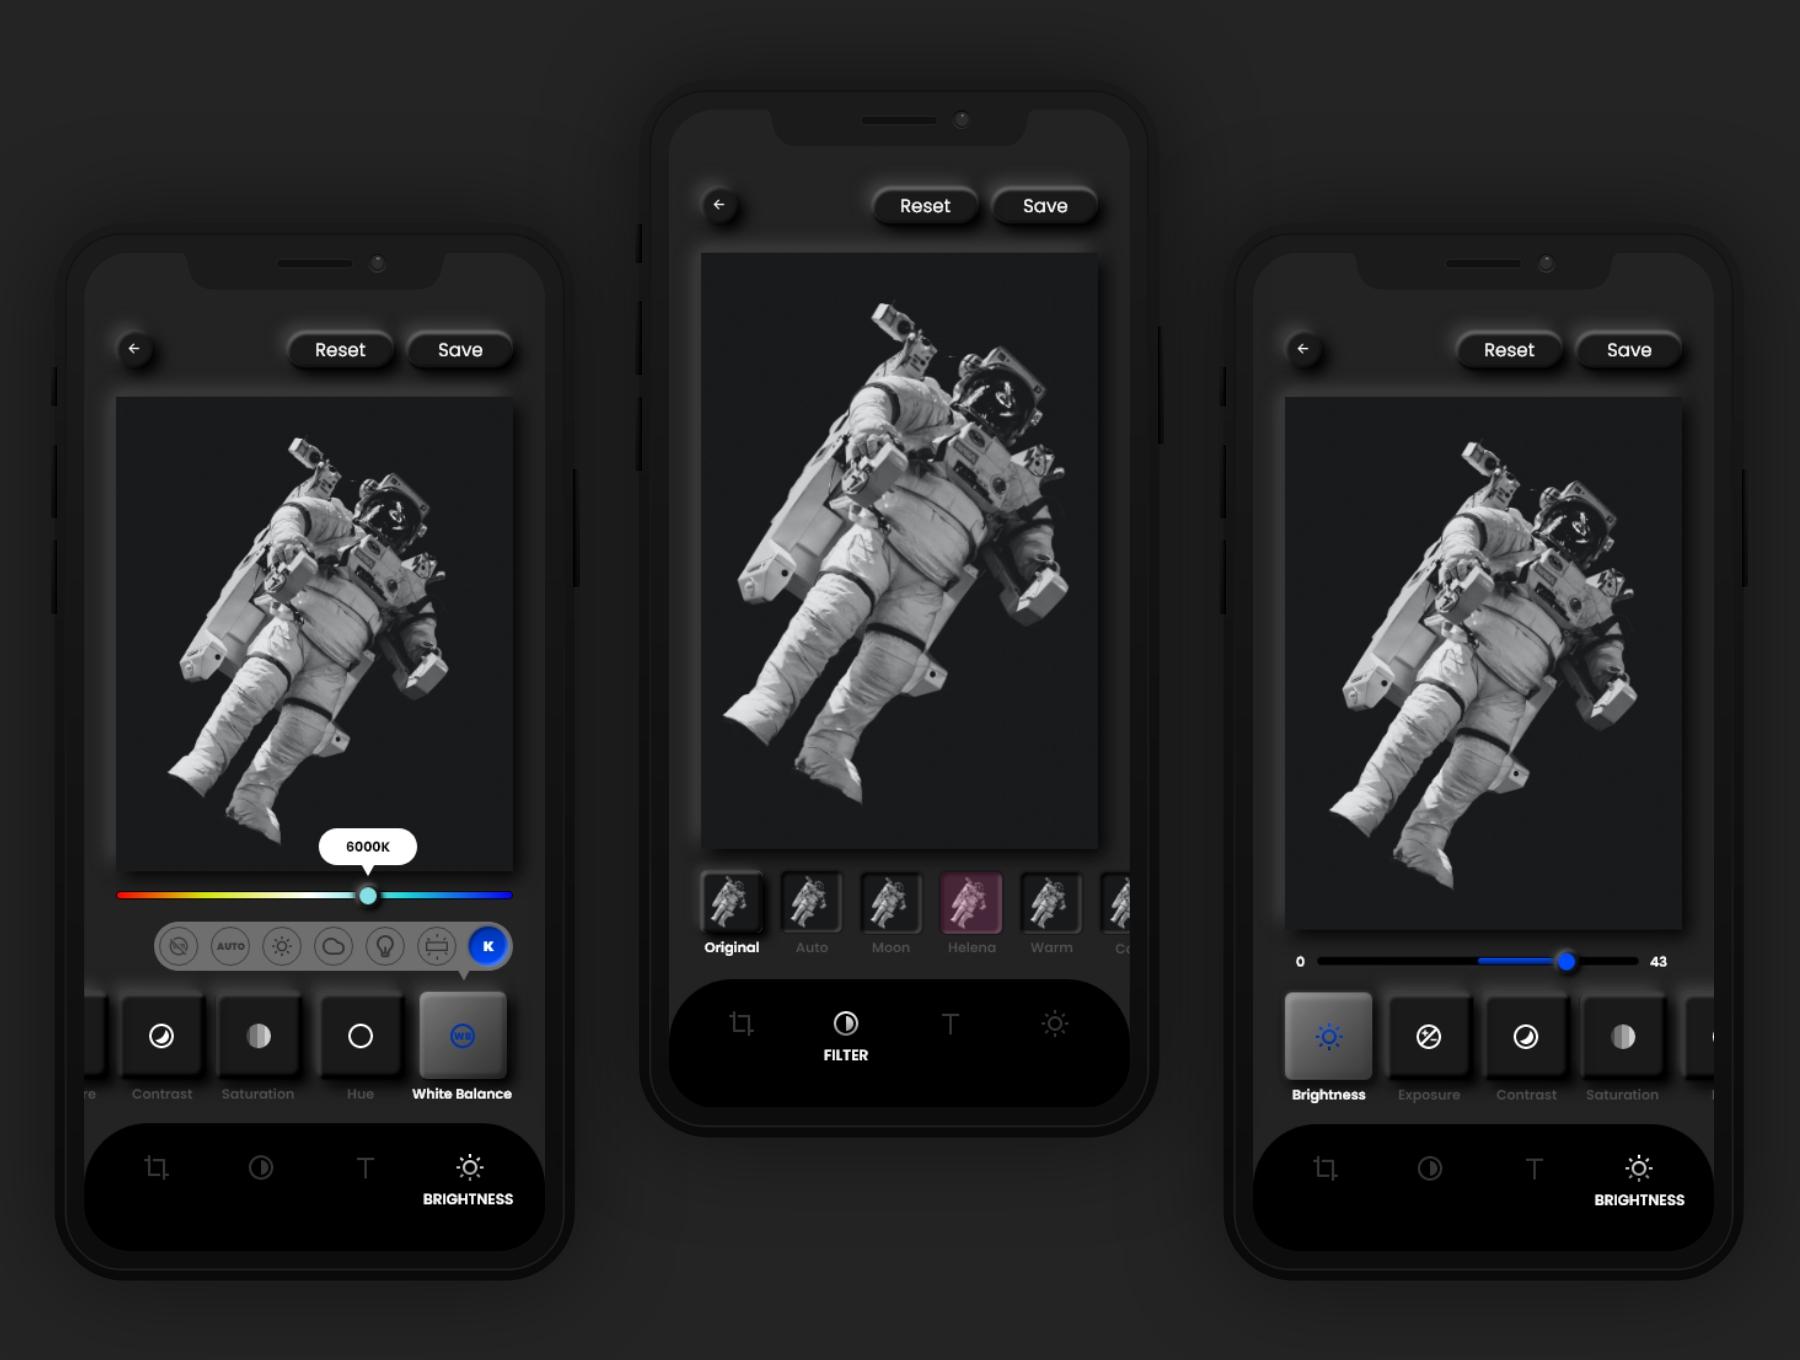 暗黑照片编辑管理社交应用程序APP UI套件 Dark Universe – Photo Editing App Neumorphic UI Kit (Dark Mode)插图(5)